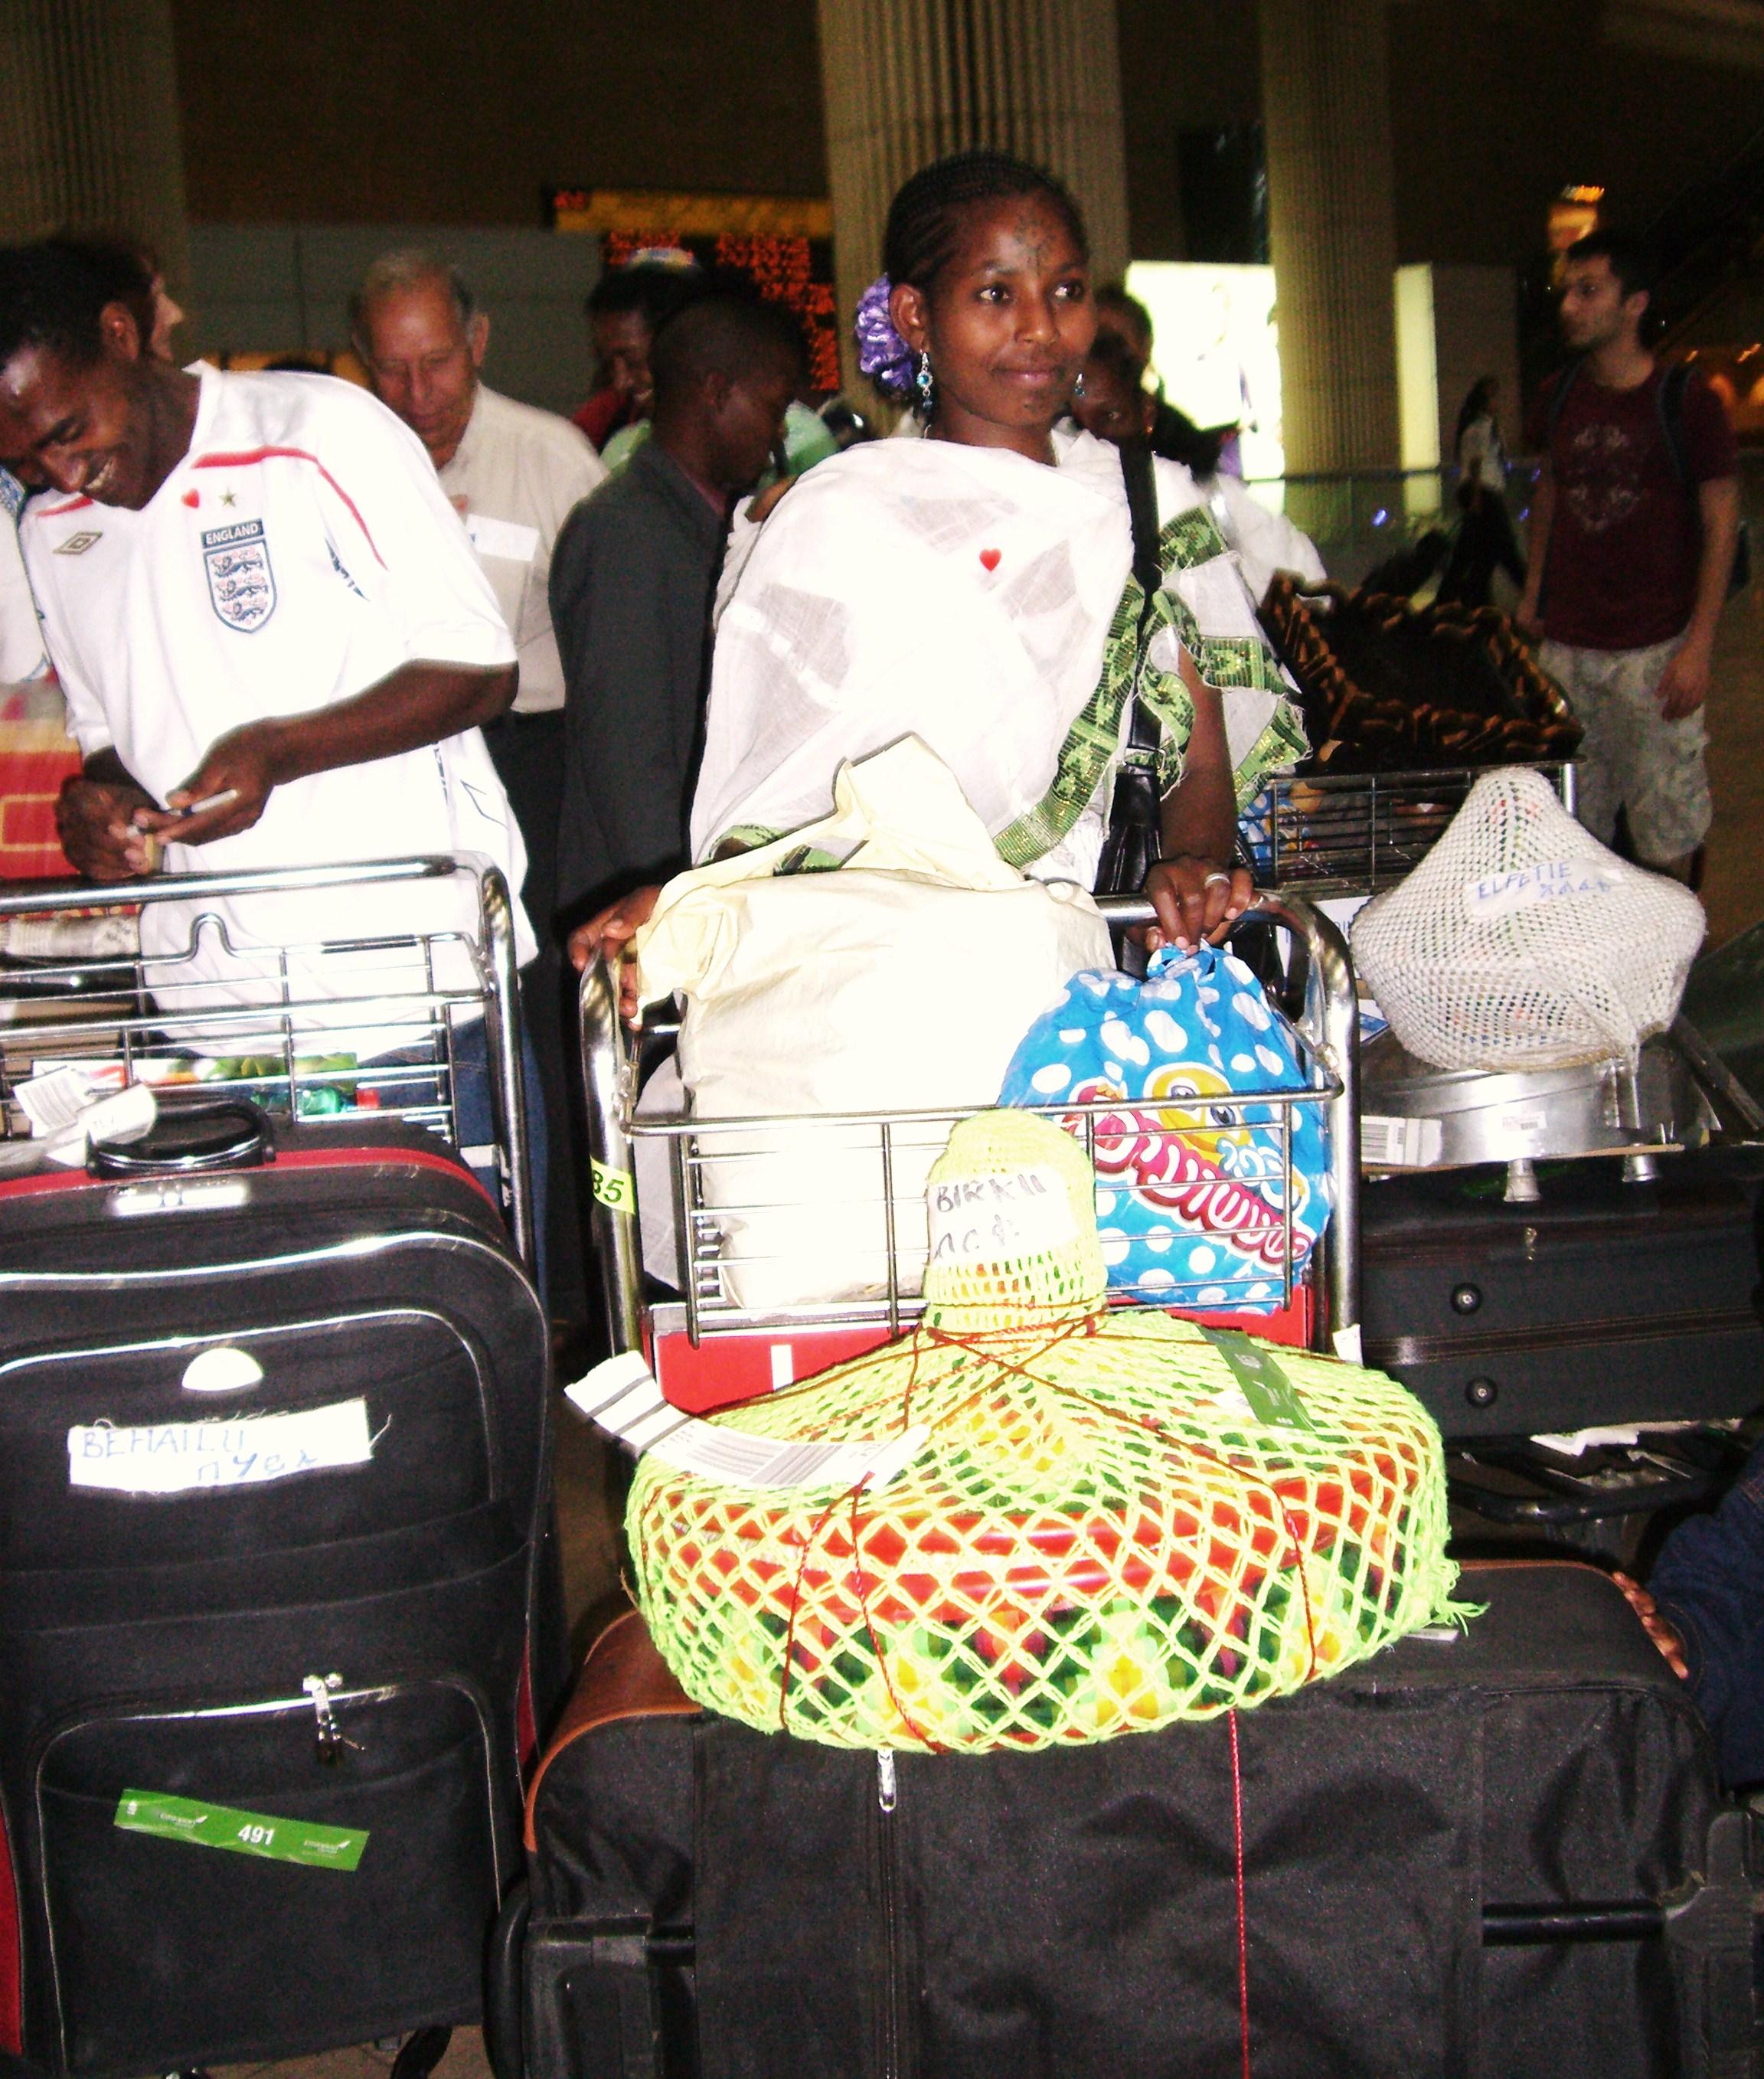 Äthiopische Juden bei Ankunft in Israel (Flug wurde durch Ebenezer gezahlt)